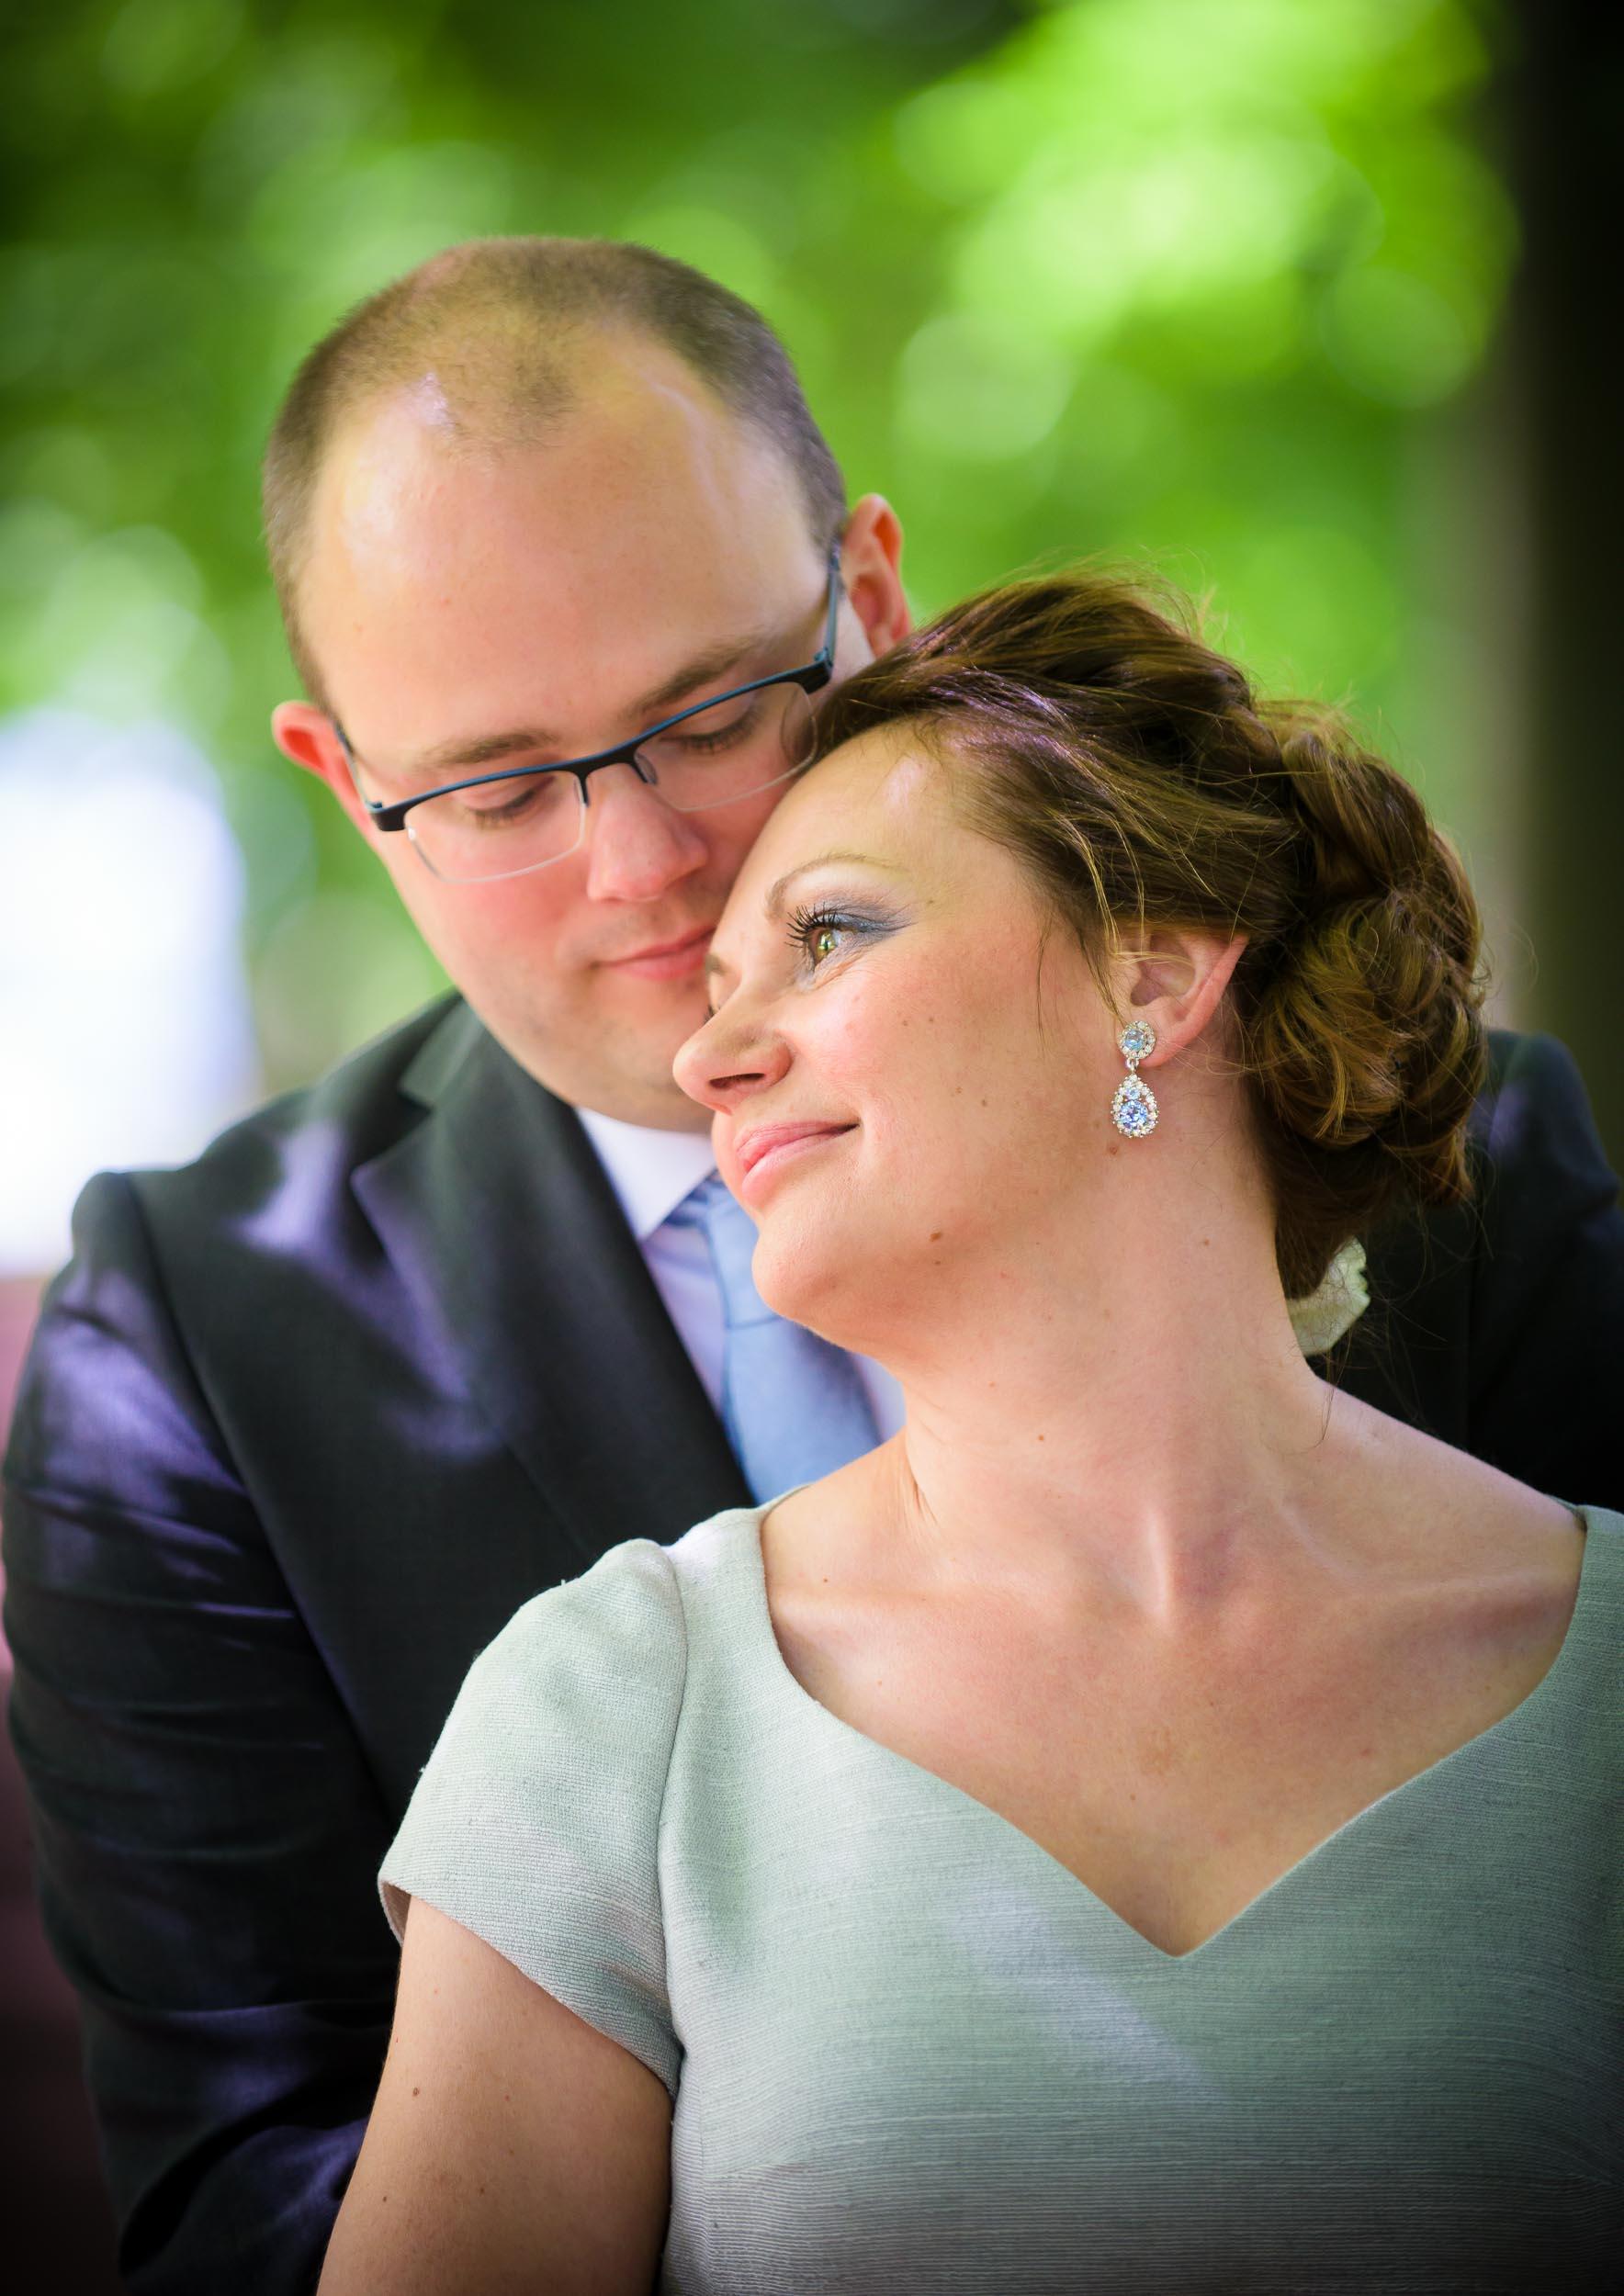 bröllopsfoto-bäckaskog-aug17-1.jpg